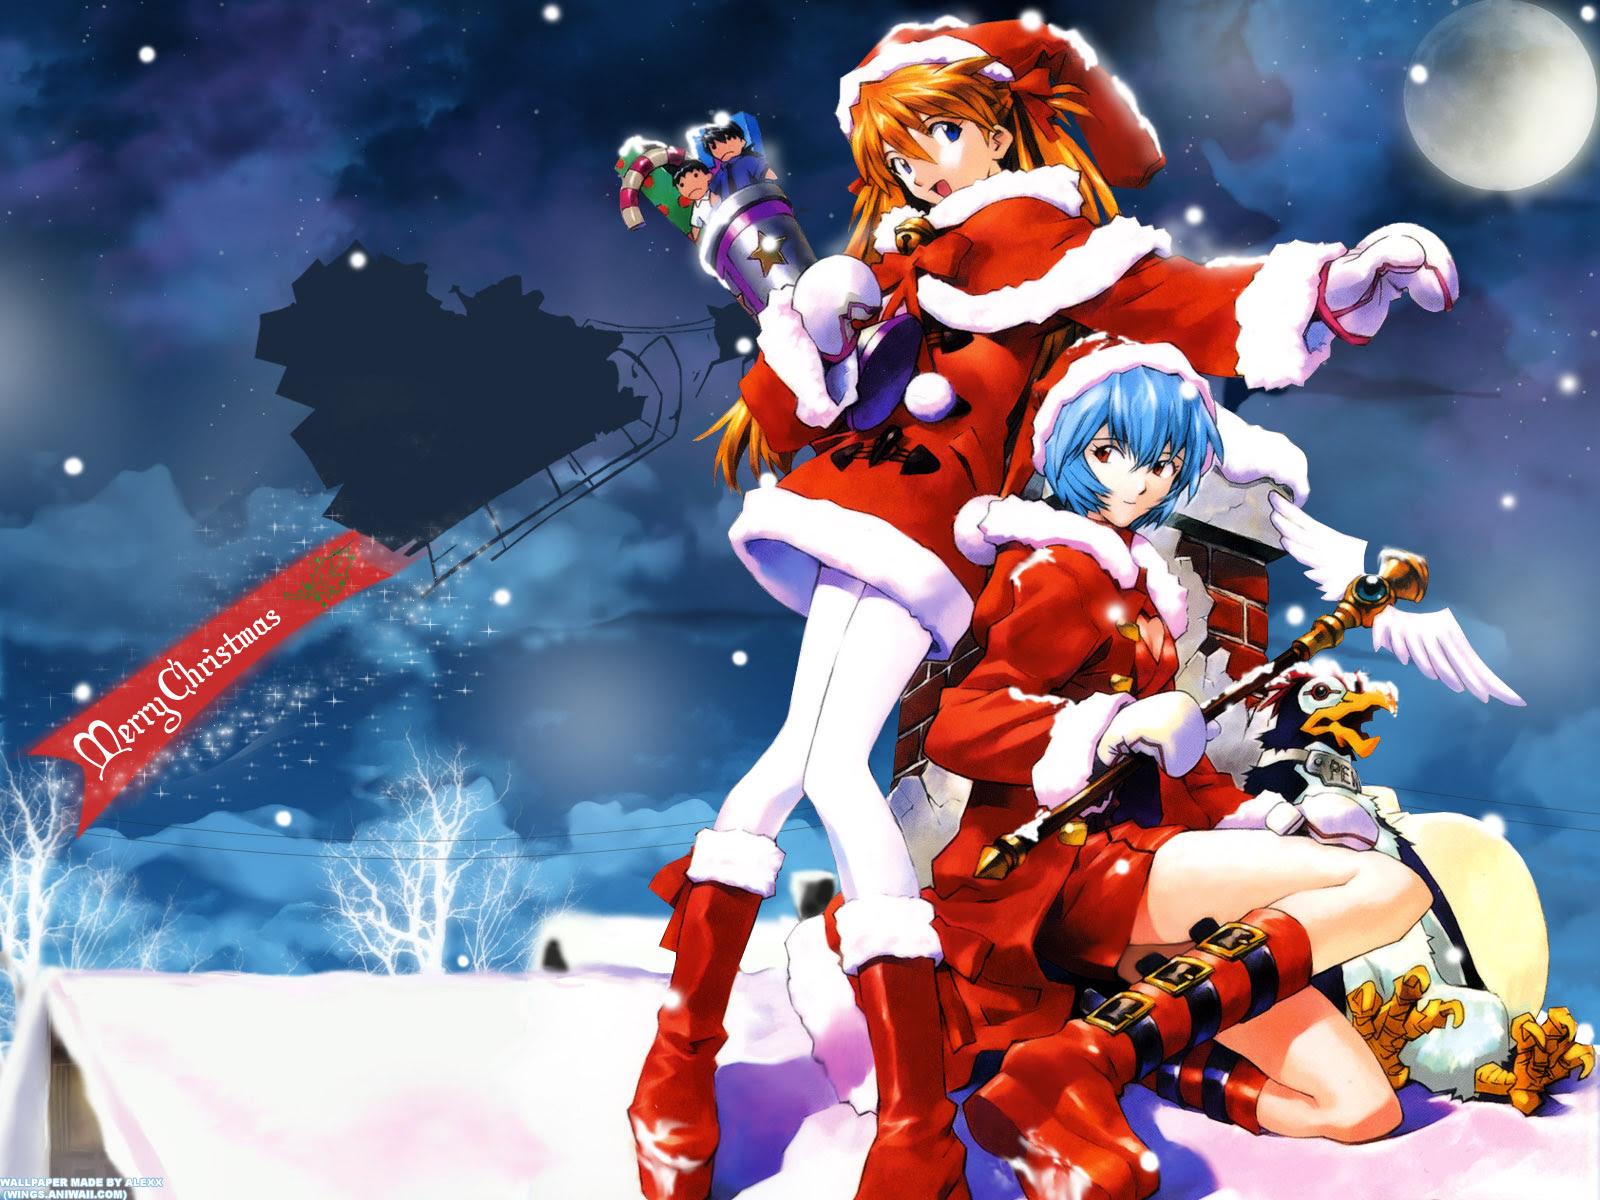 Unduh 93+ Wallpaper Hd Anime Natal Terbaik